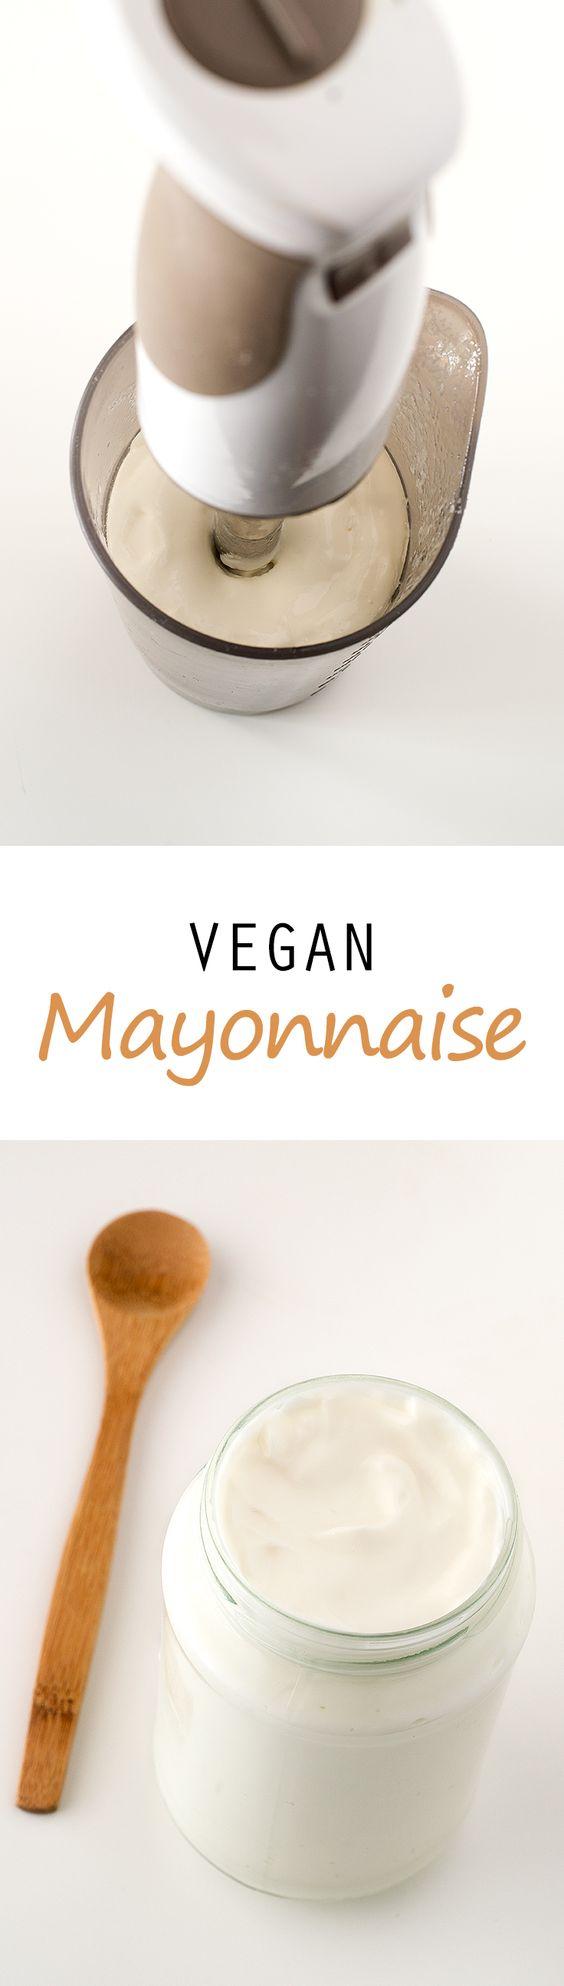 Vegan Mayonnaise #vegan #glutenfree